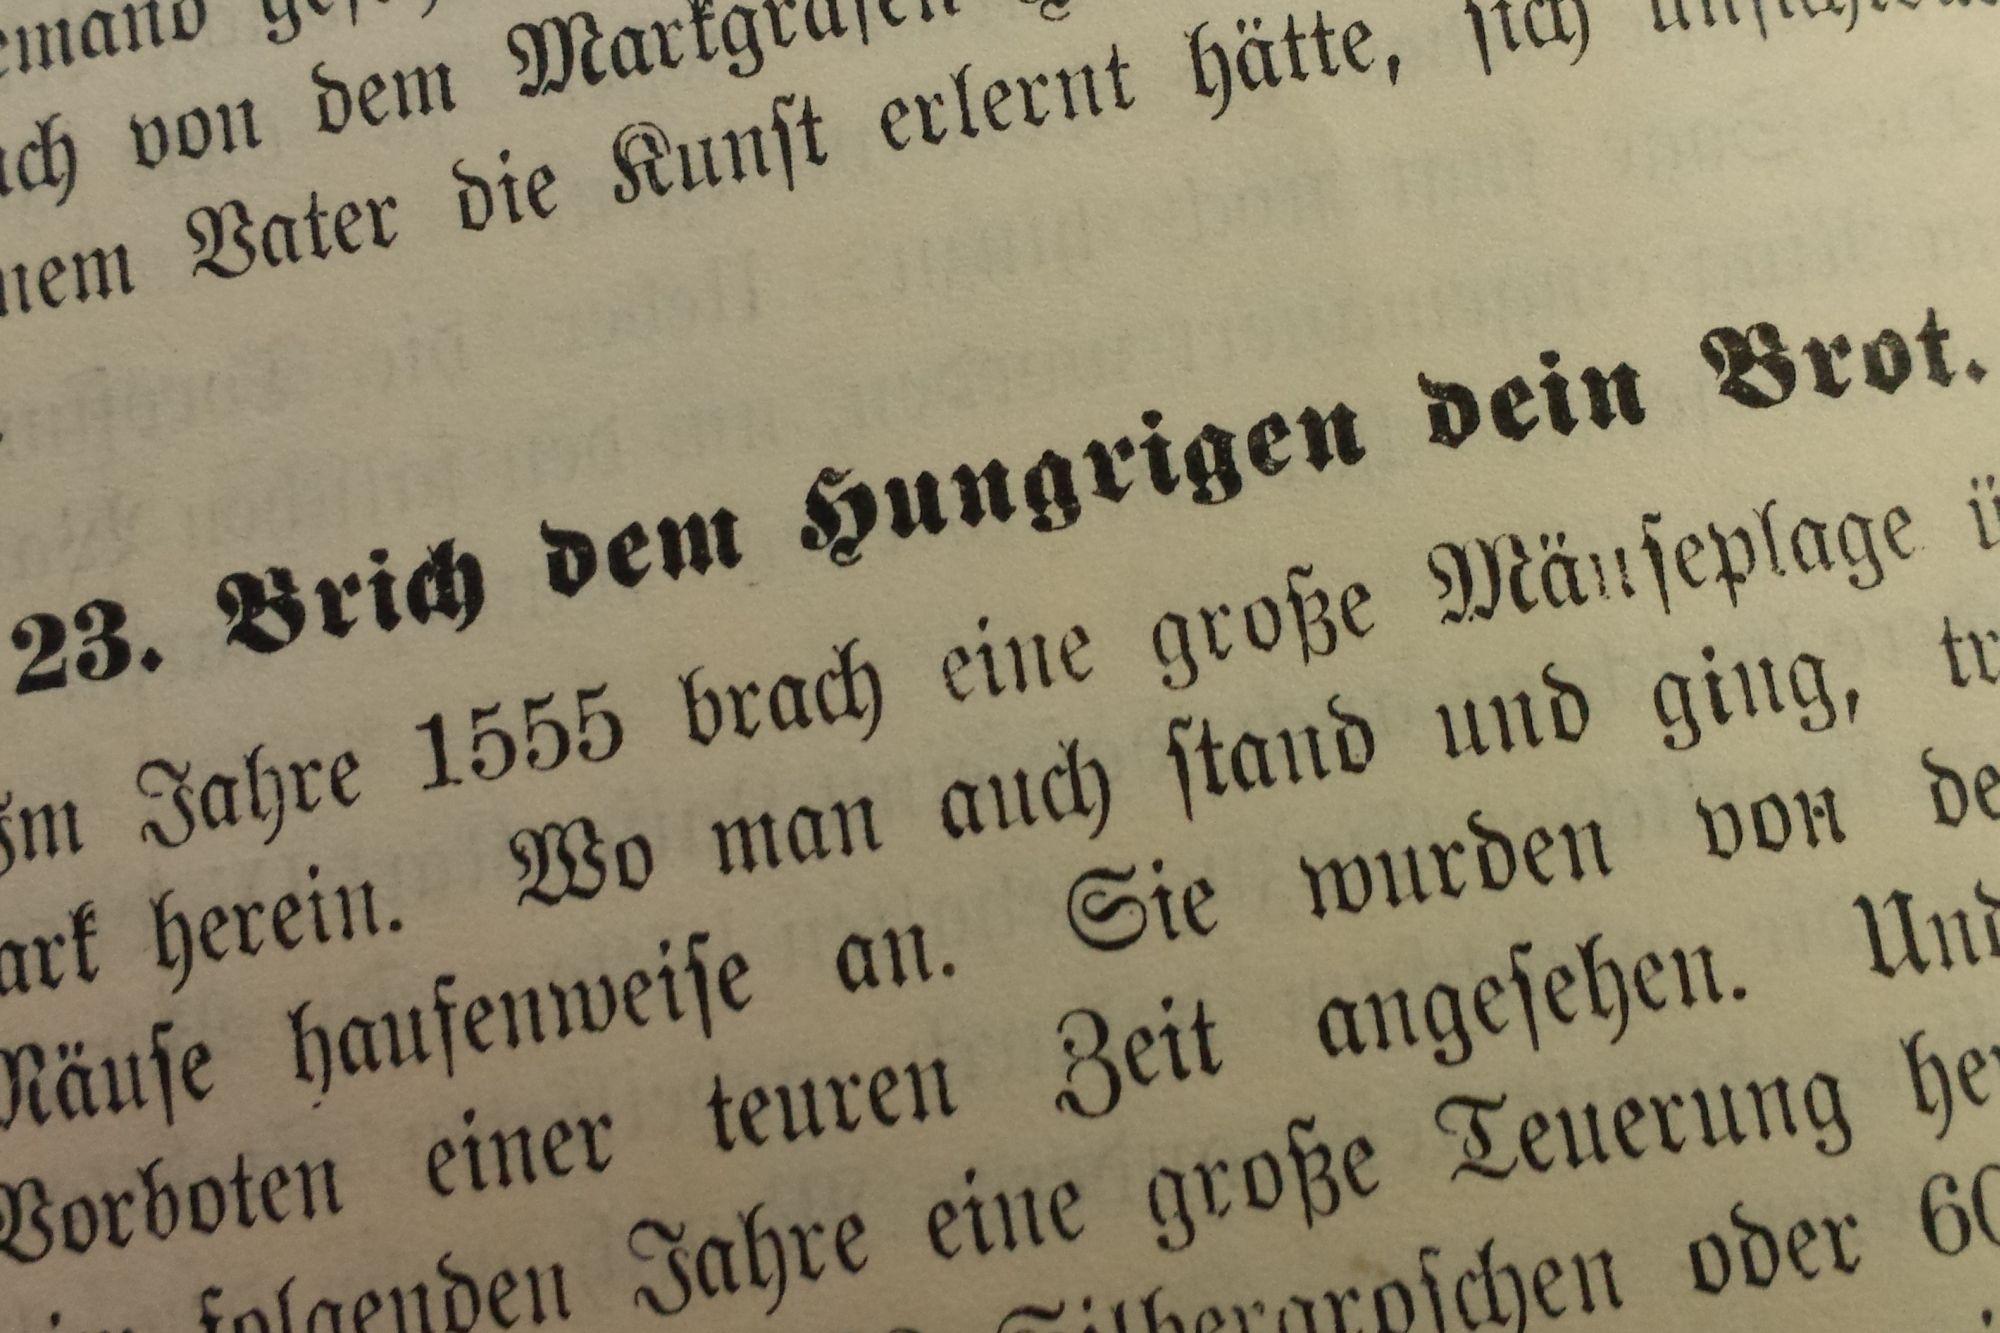 Paul Biens Brich dem Hungrigen dein Brot - Silbergroschen, Schlangenbiss, Neumark, Mäuseplage, Erntesegen, Edelfrau, 16. Jahrhundert